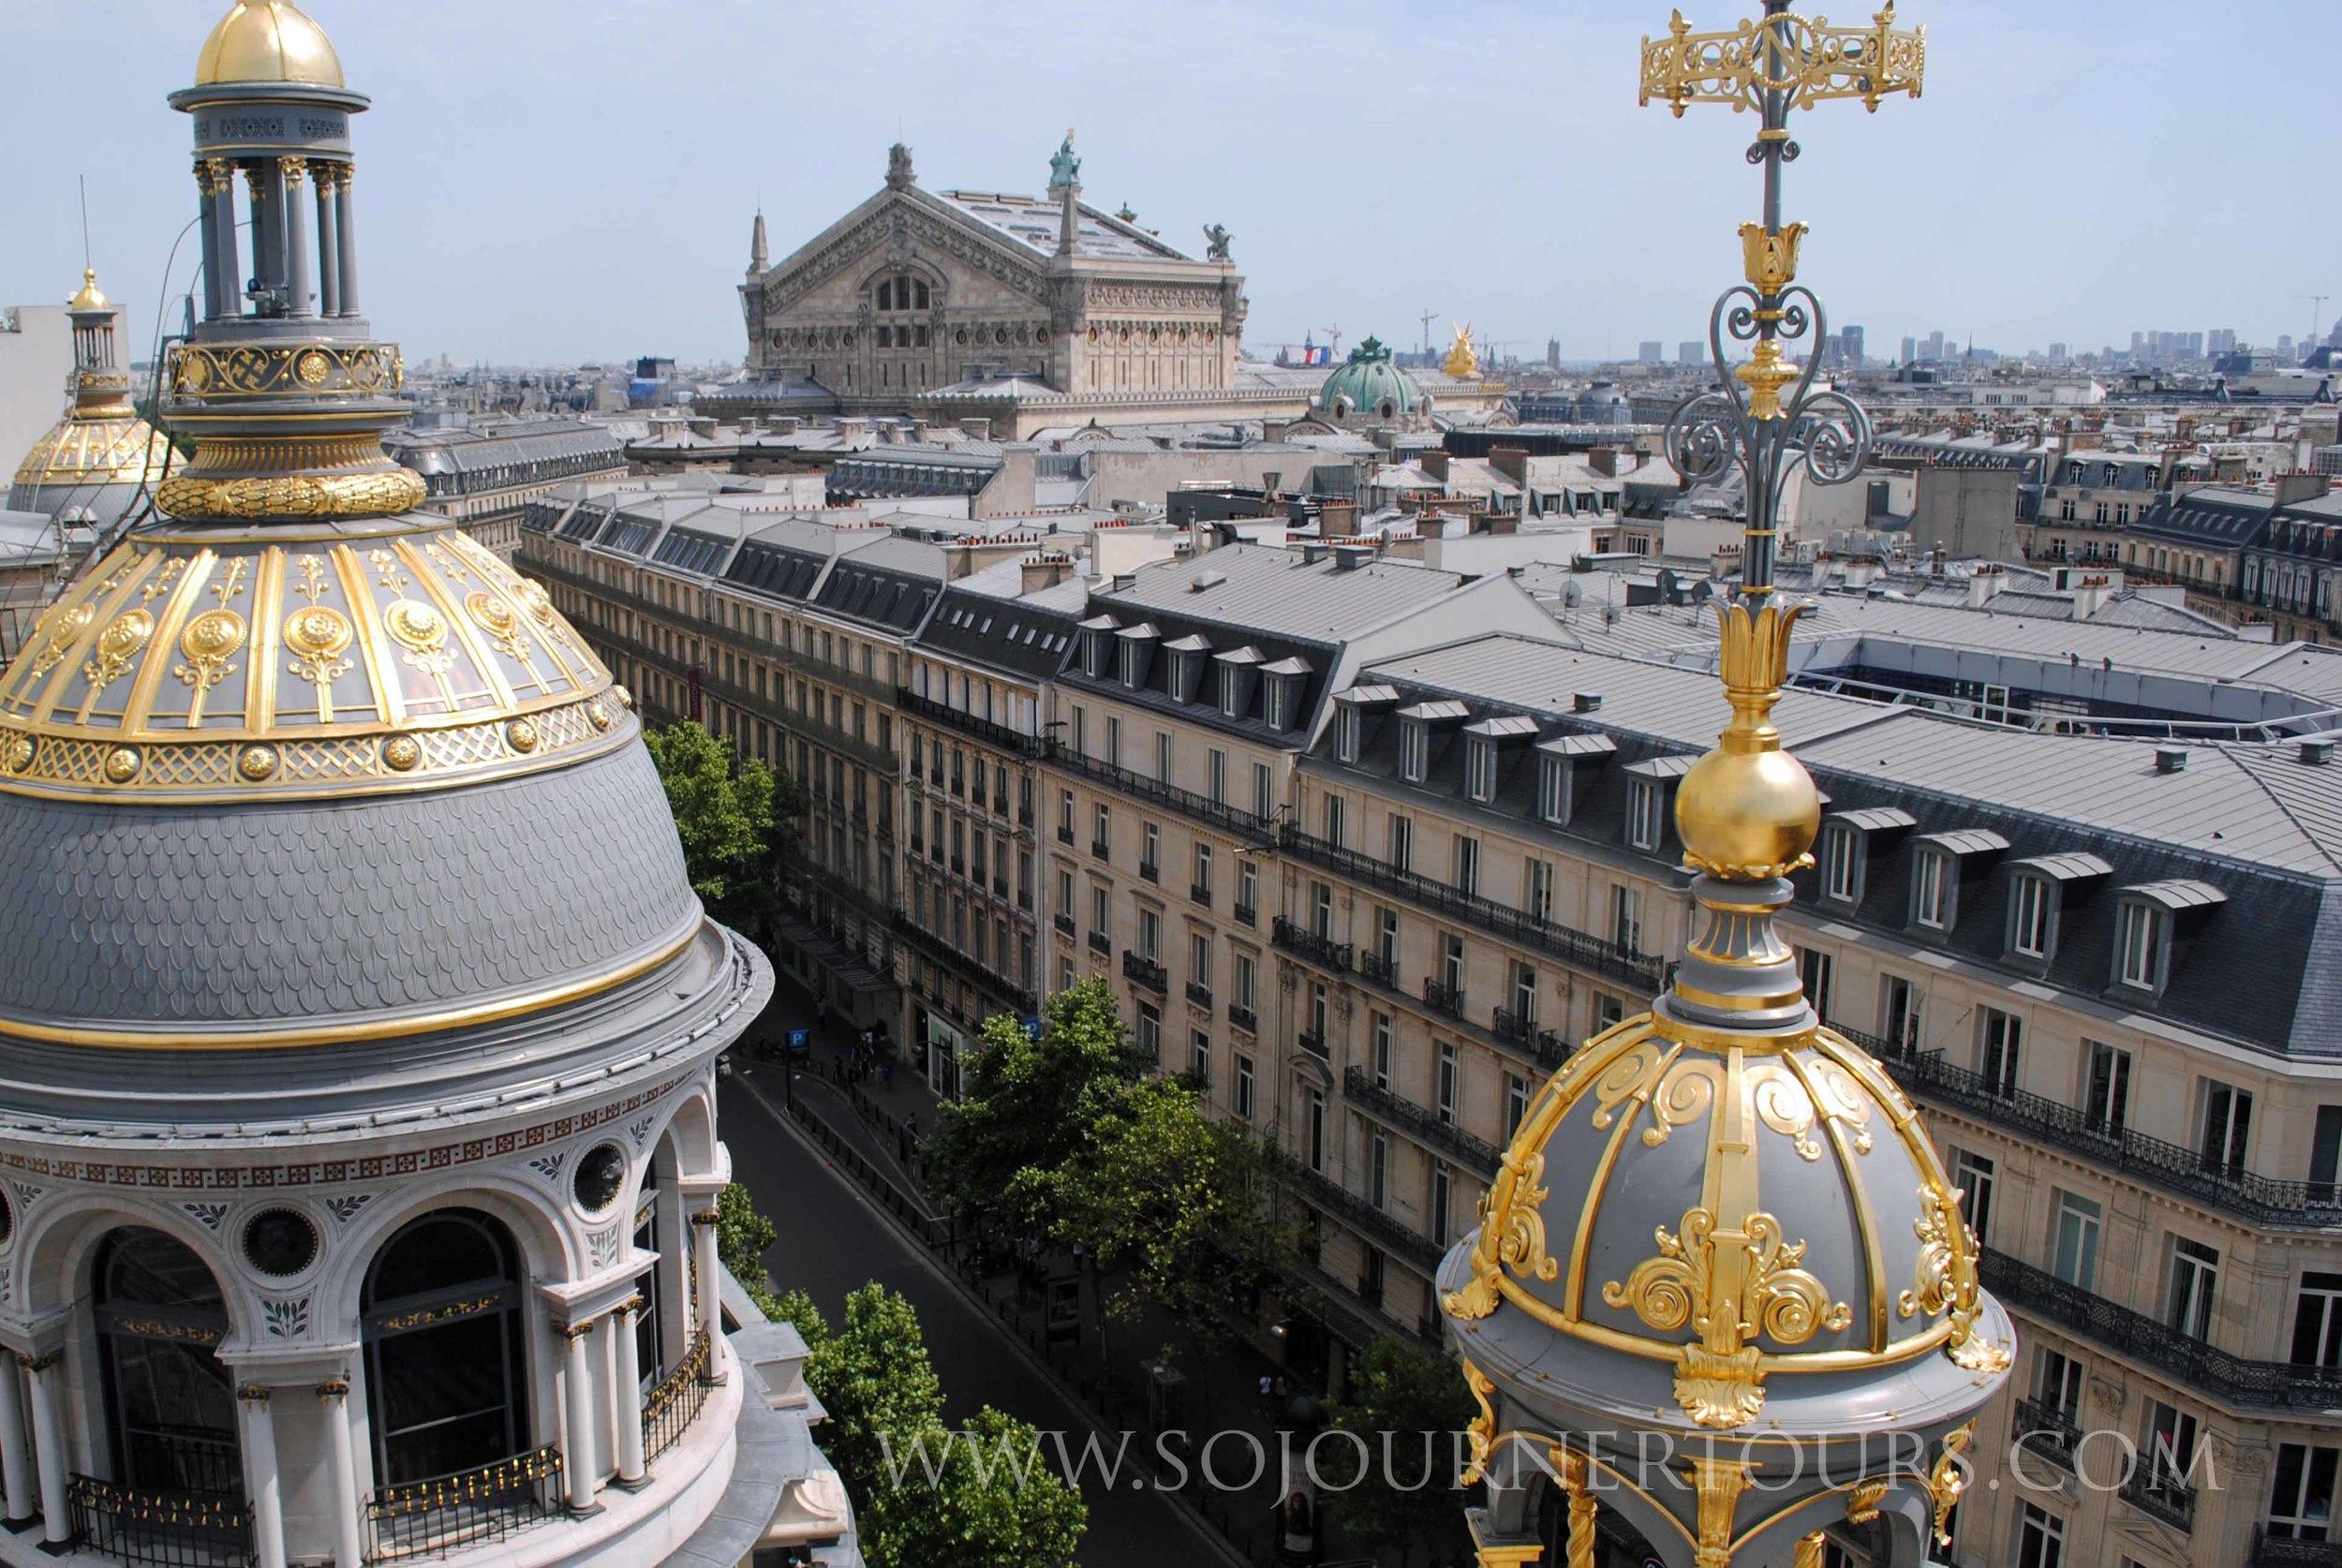 Printemps: Paris, France (Sojourner Tours)